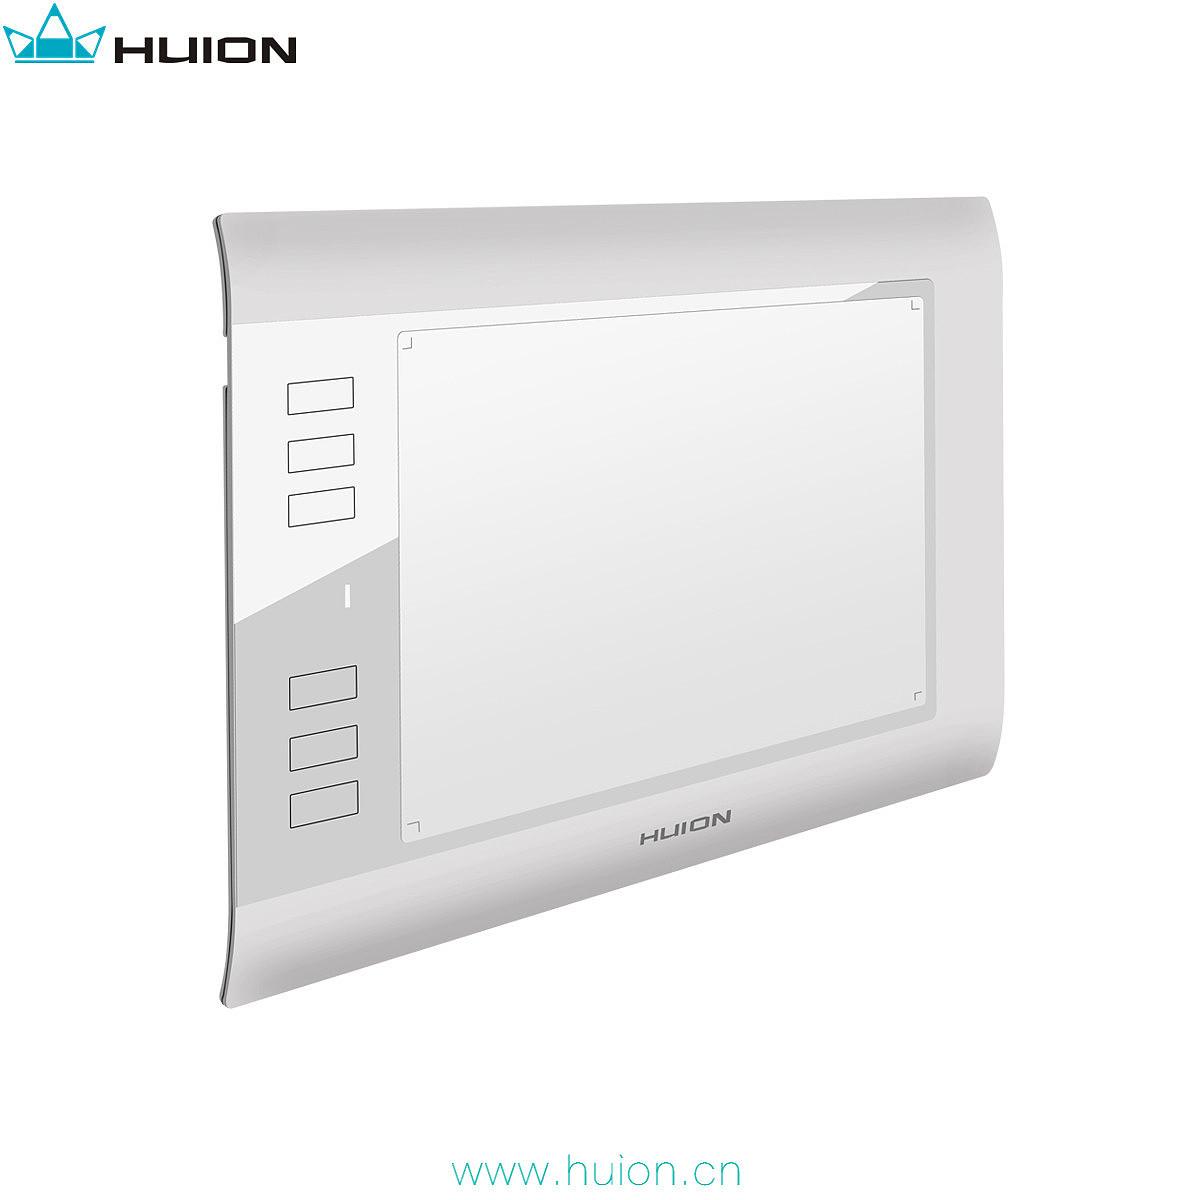 绘王h58l数位板照片 huion手绘板图片 画图板产品设计